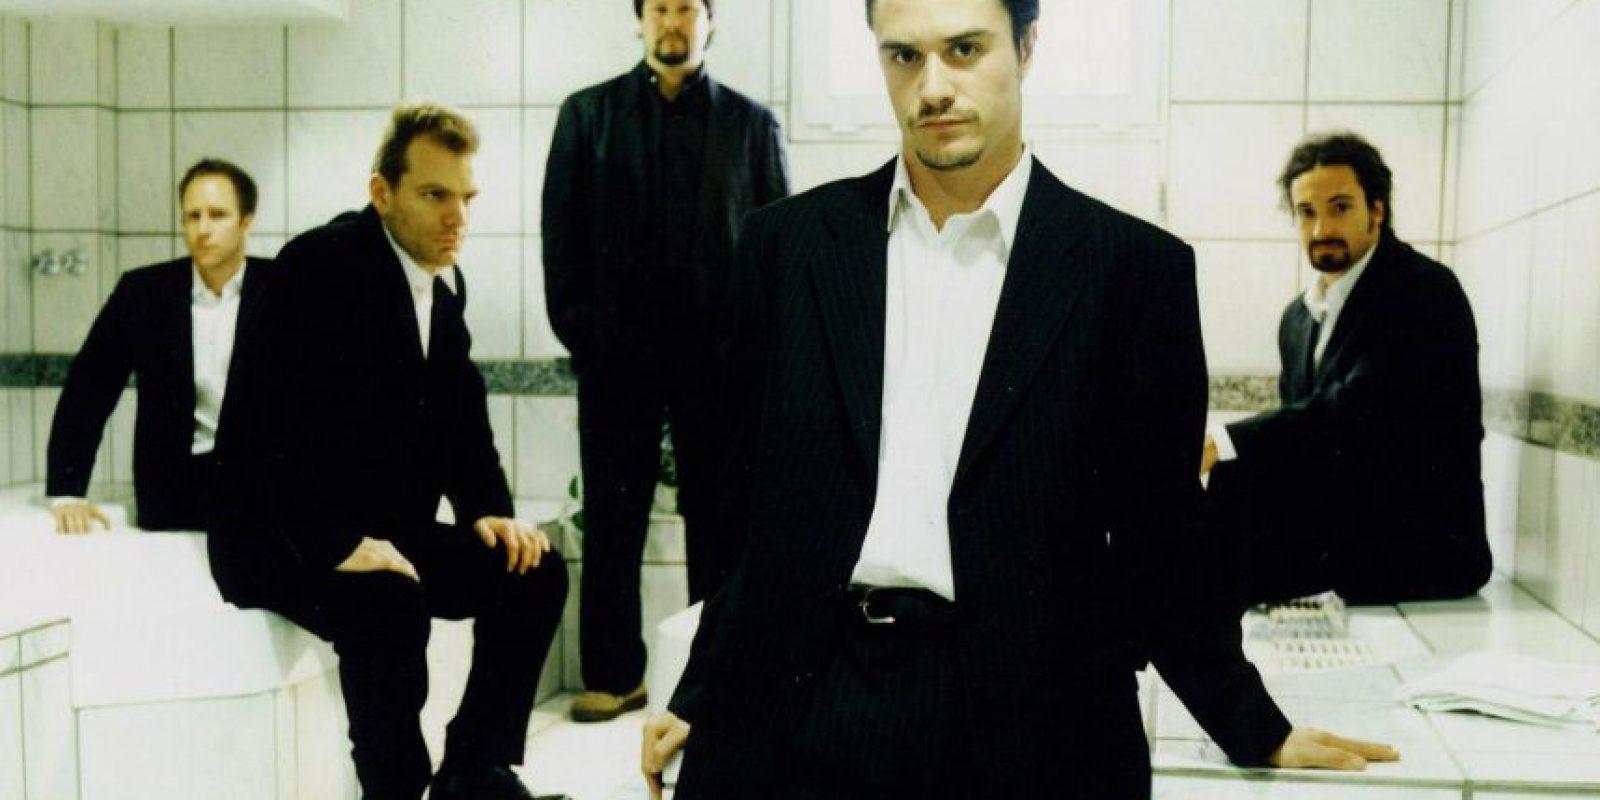 El séptimo álbum de la banda, aún sin título anunciado, llegará a las tiendas en abril de 2015.